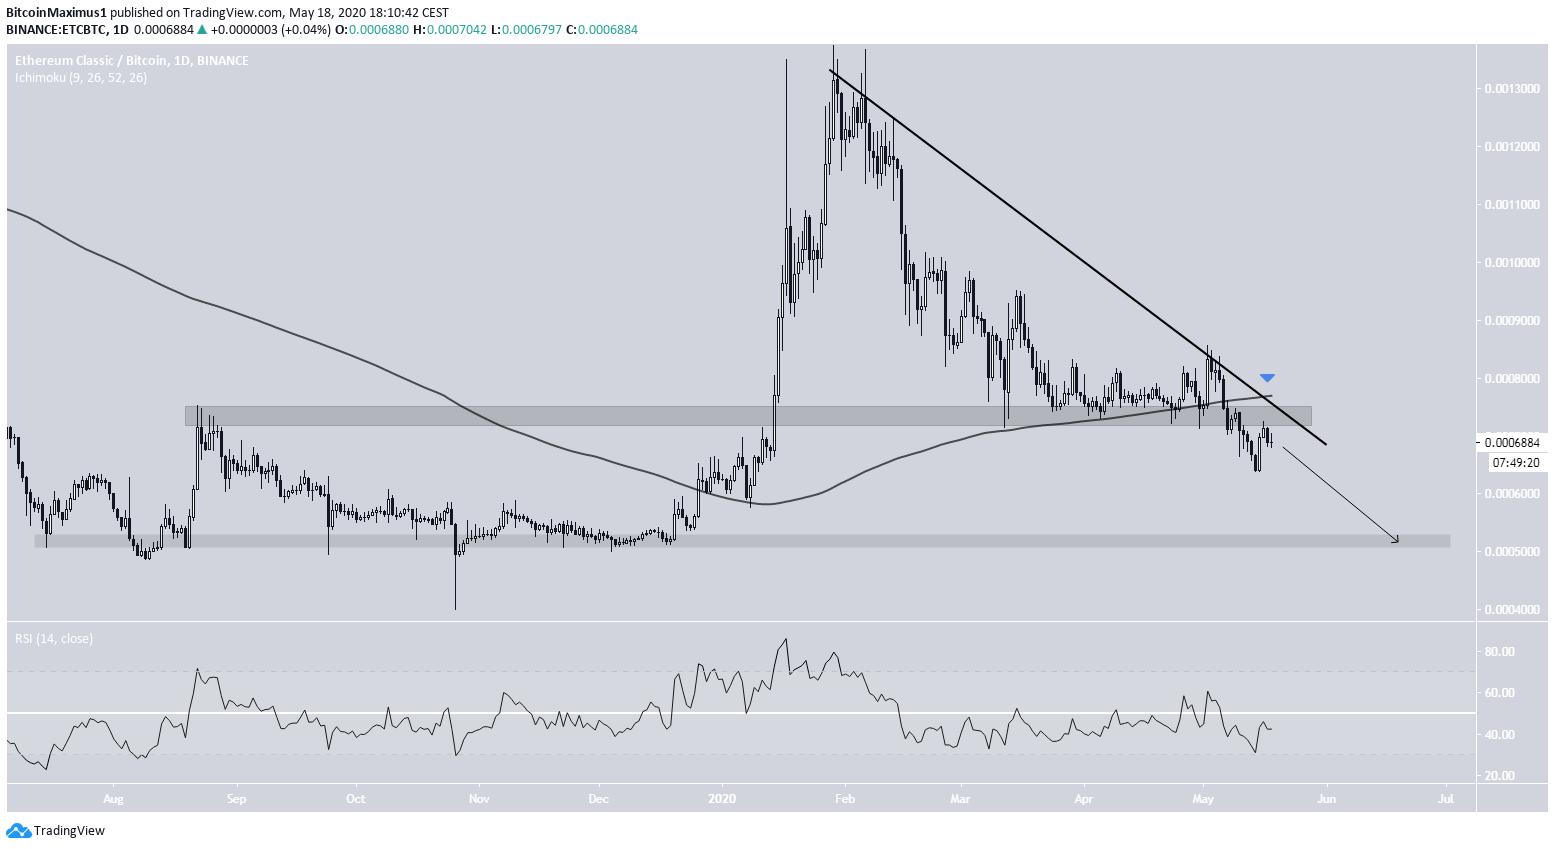 ETC Price Movement